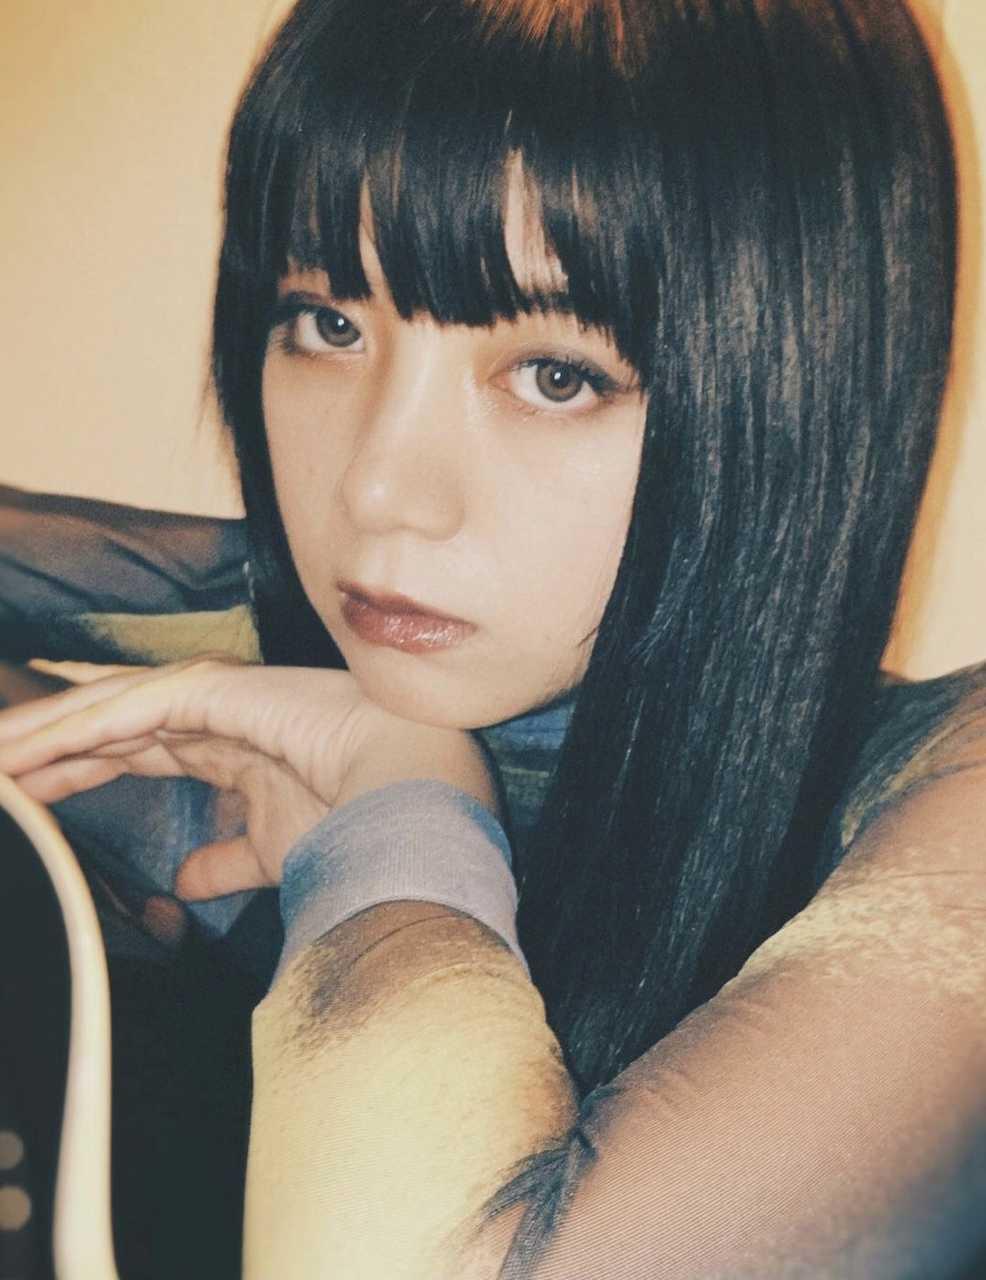 池田エライザ&ゆうたろう、女子学生服でウキウキポーズ!無邪気な笑顔に癒される